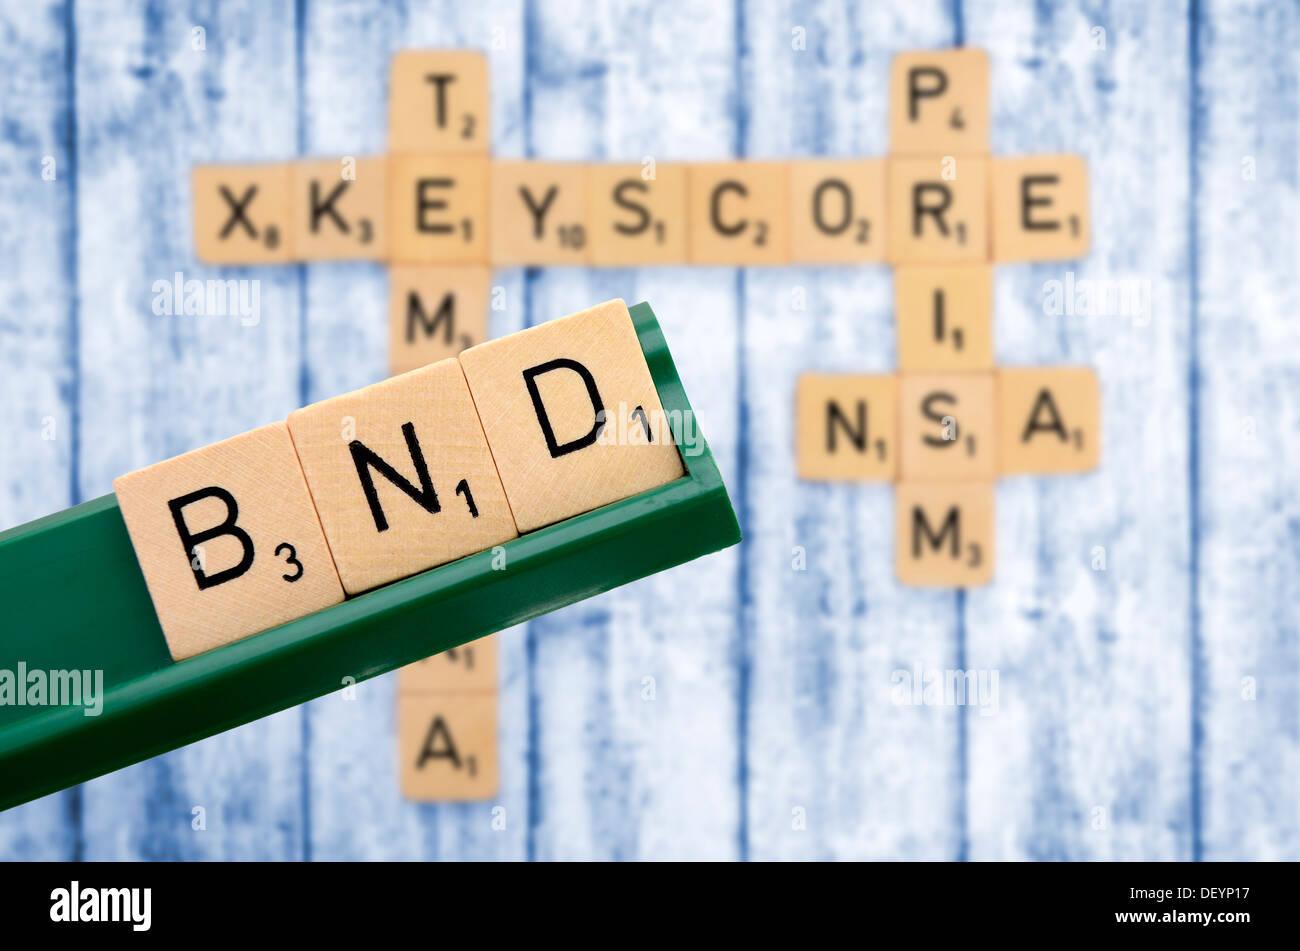 Stroke Federal Intelligence Service, cooperation of Federal Intelligence Service and NSA, Schriftzug BND, Zusammenarbeit von Bun - Stock Image